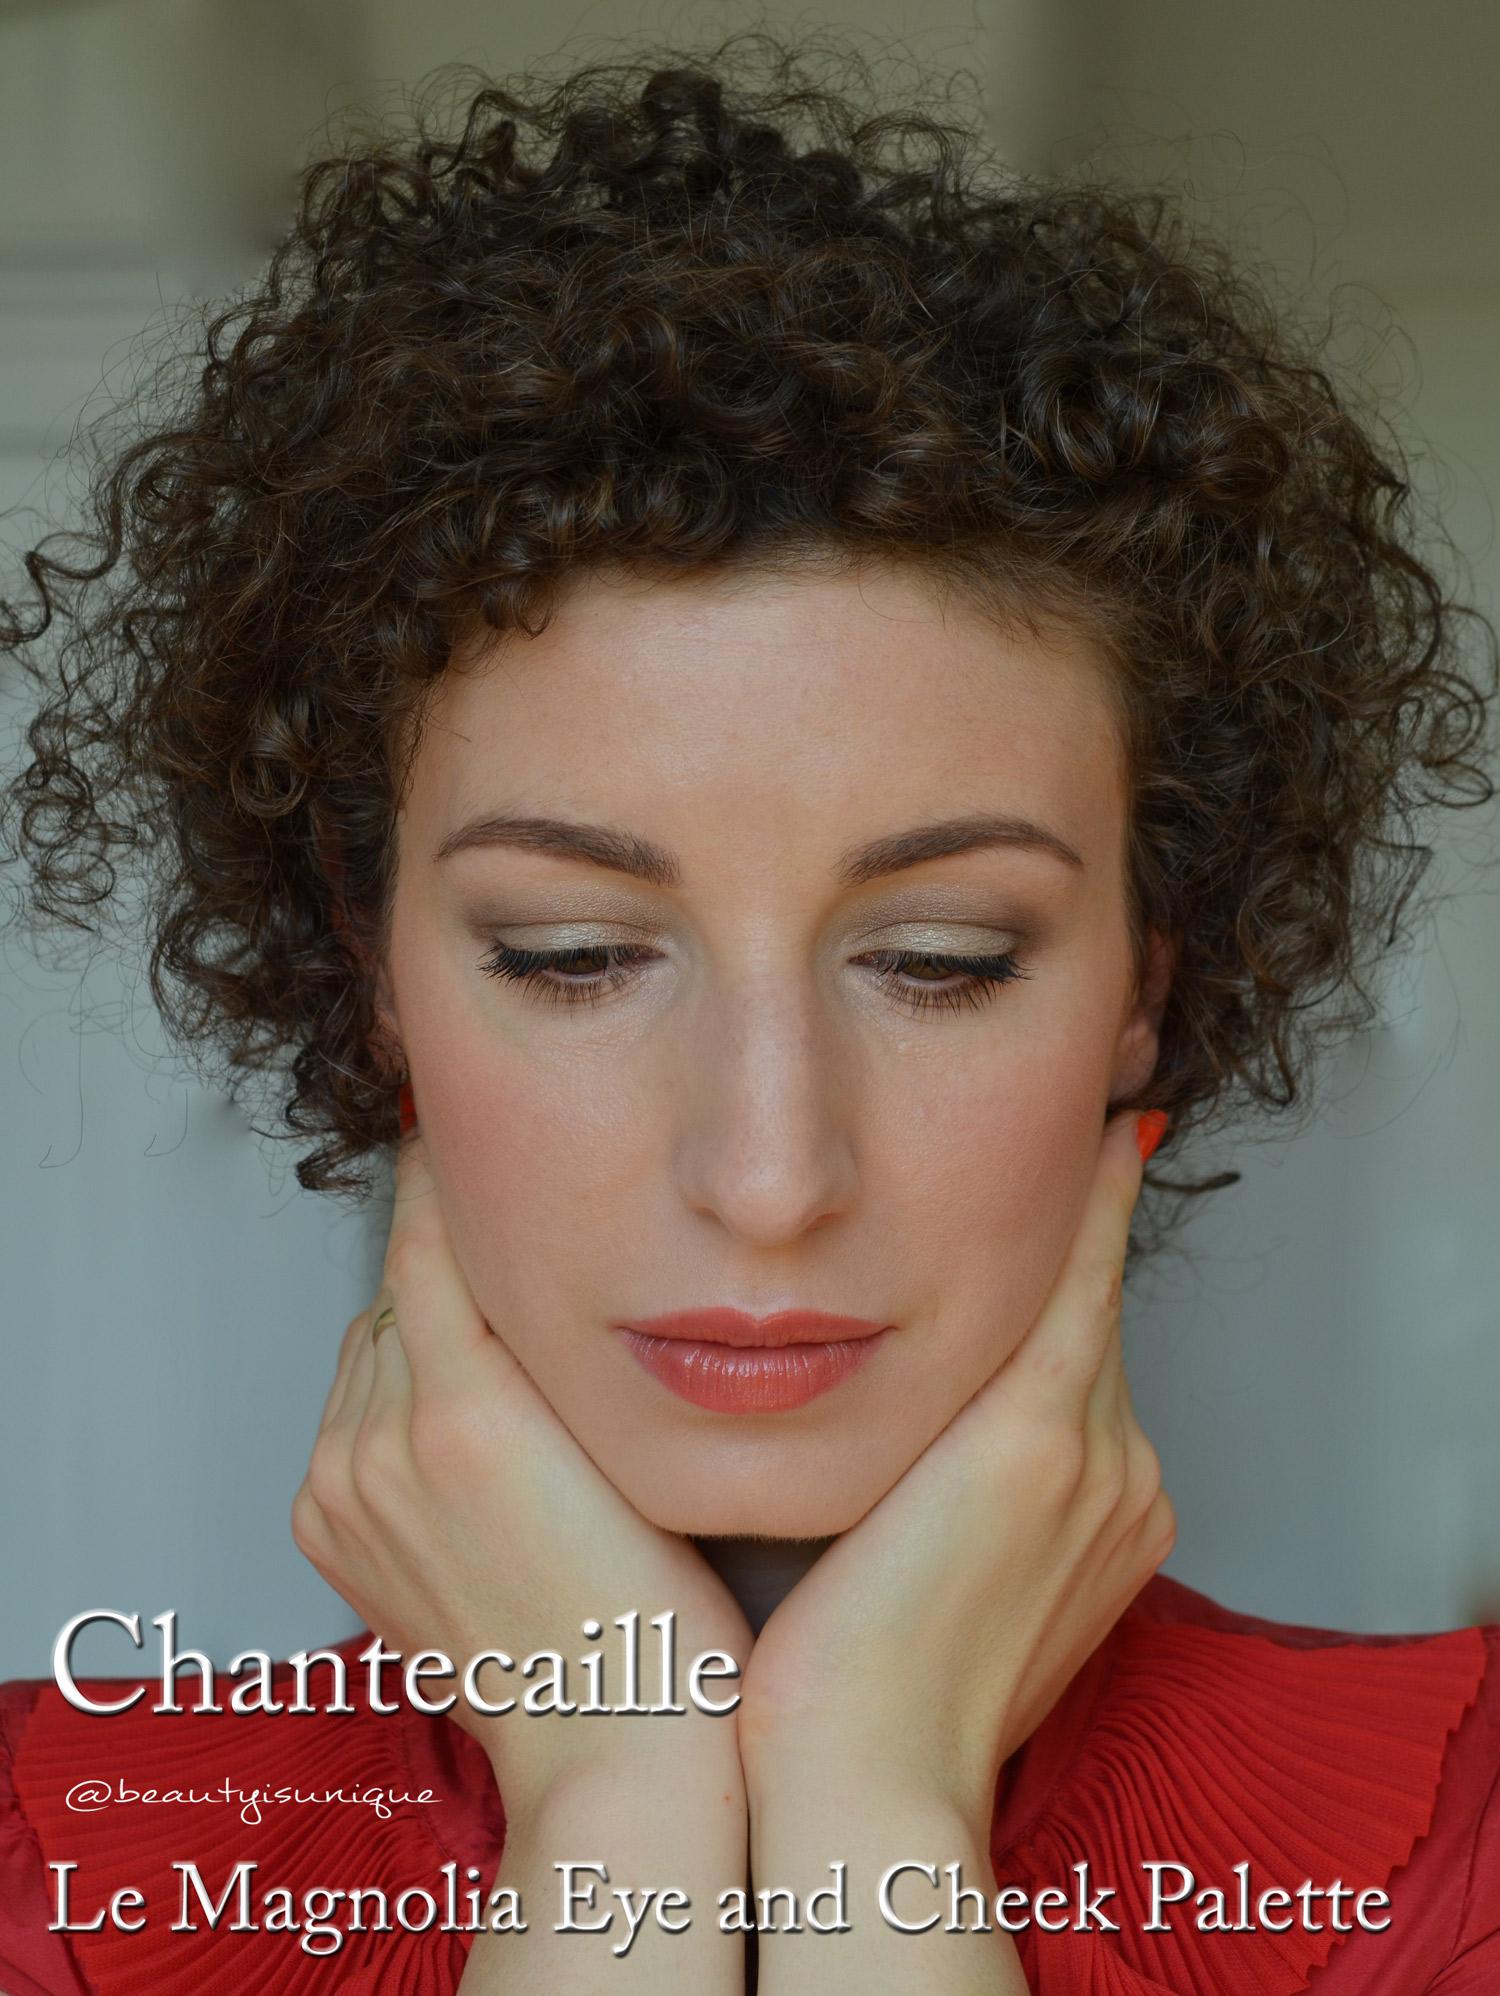 Chantecaille-Magnolia-Make-Up